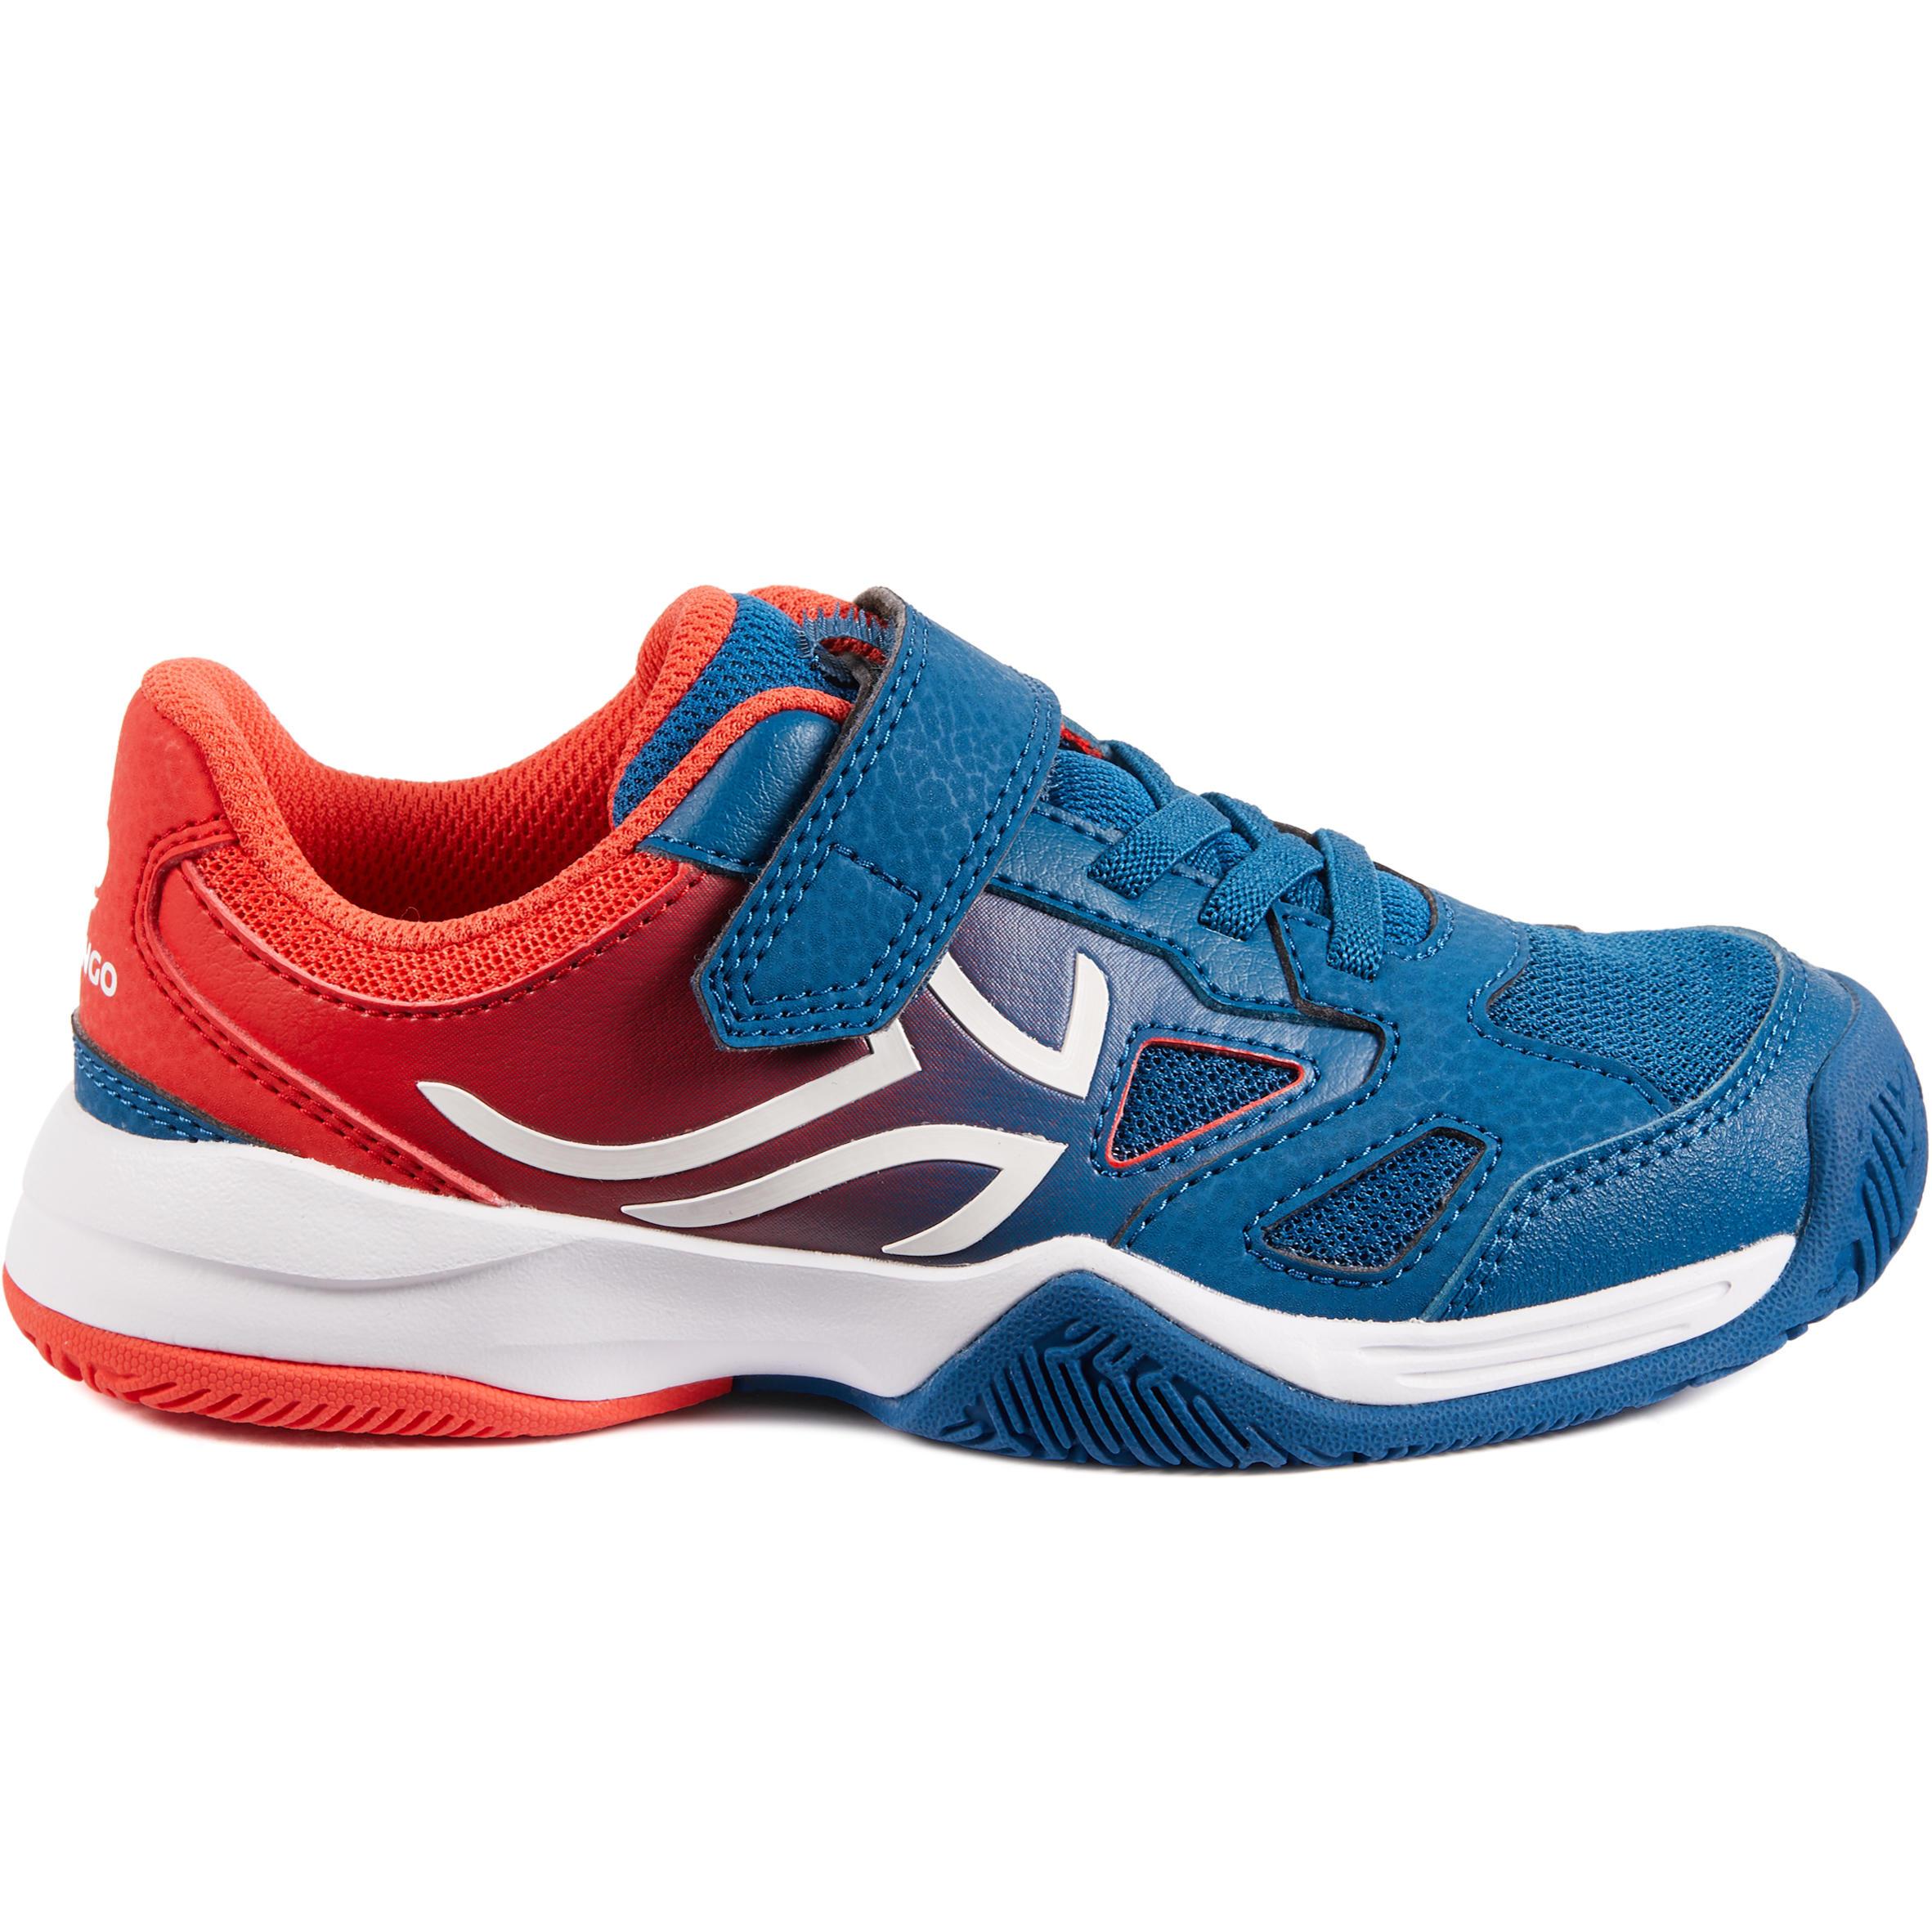 Artengo Tennisschoenen kinderen Artengo TS560 blauw/rood